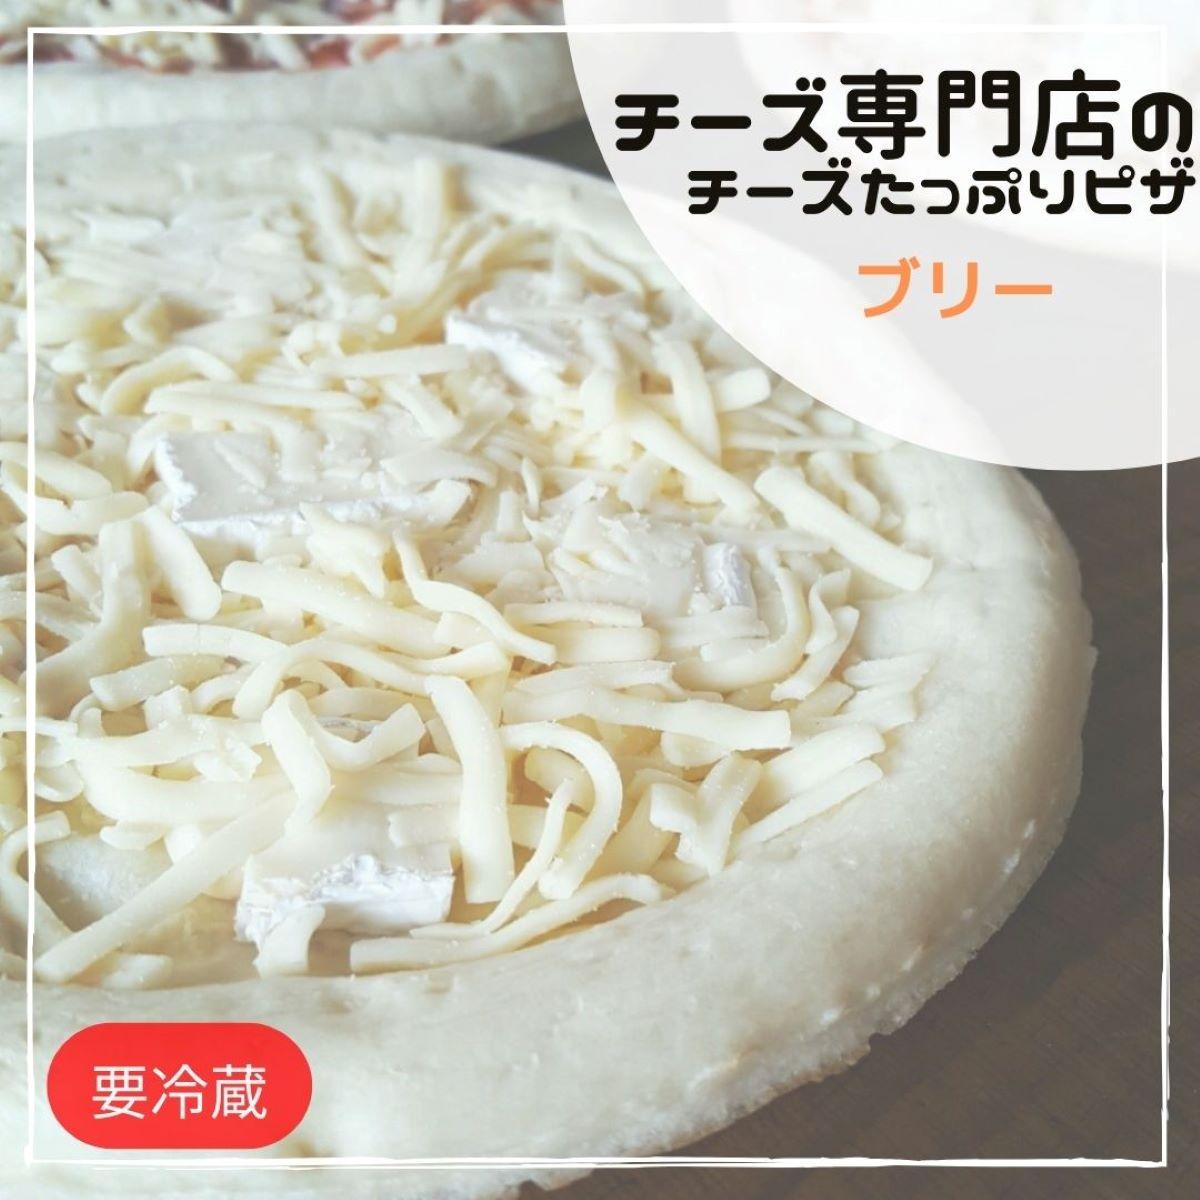 チーズ専門店のピザ・ブリーチーズ